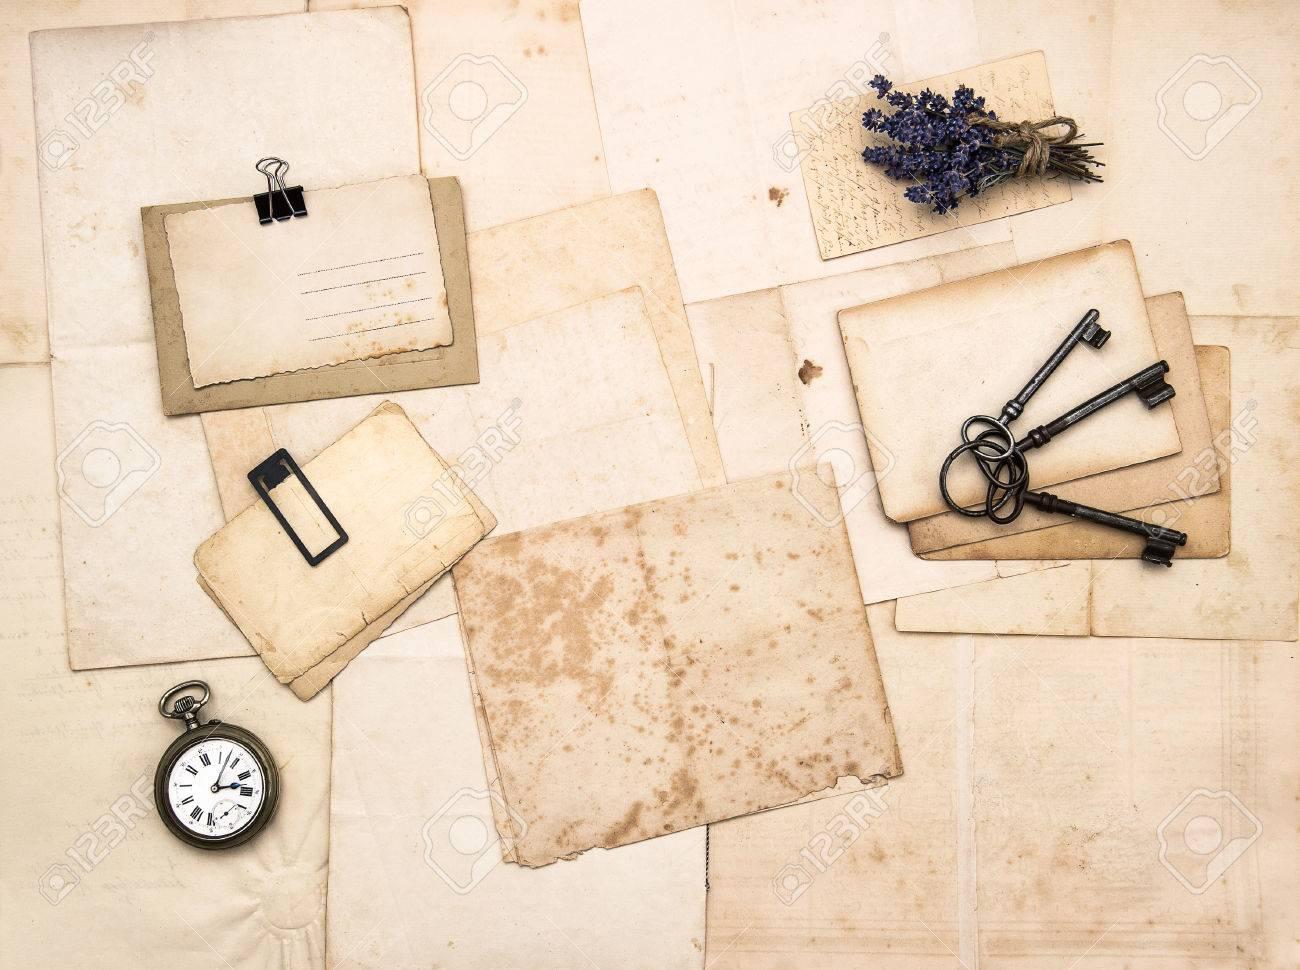 Alte Briefe Und Fotos, Vintage-Accessoires, Schlüssel, Uhr, Blumen ...